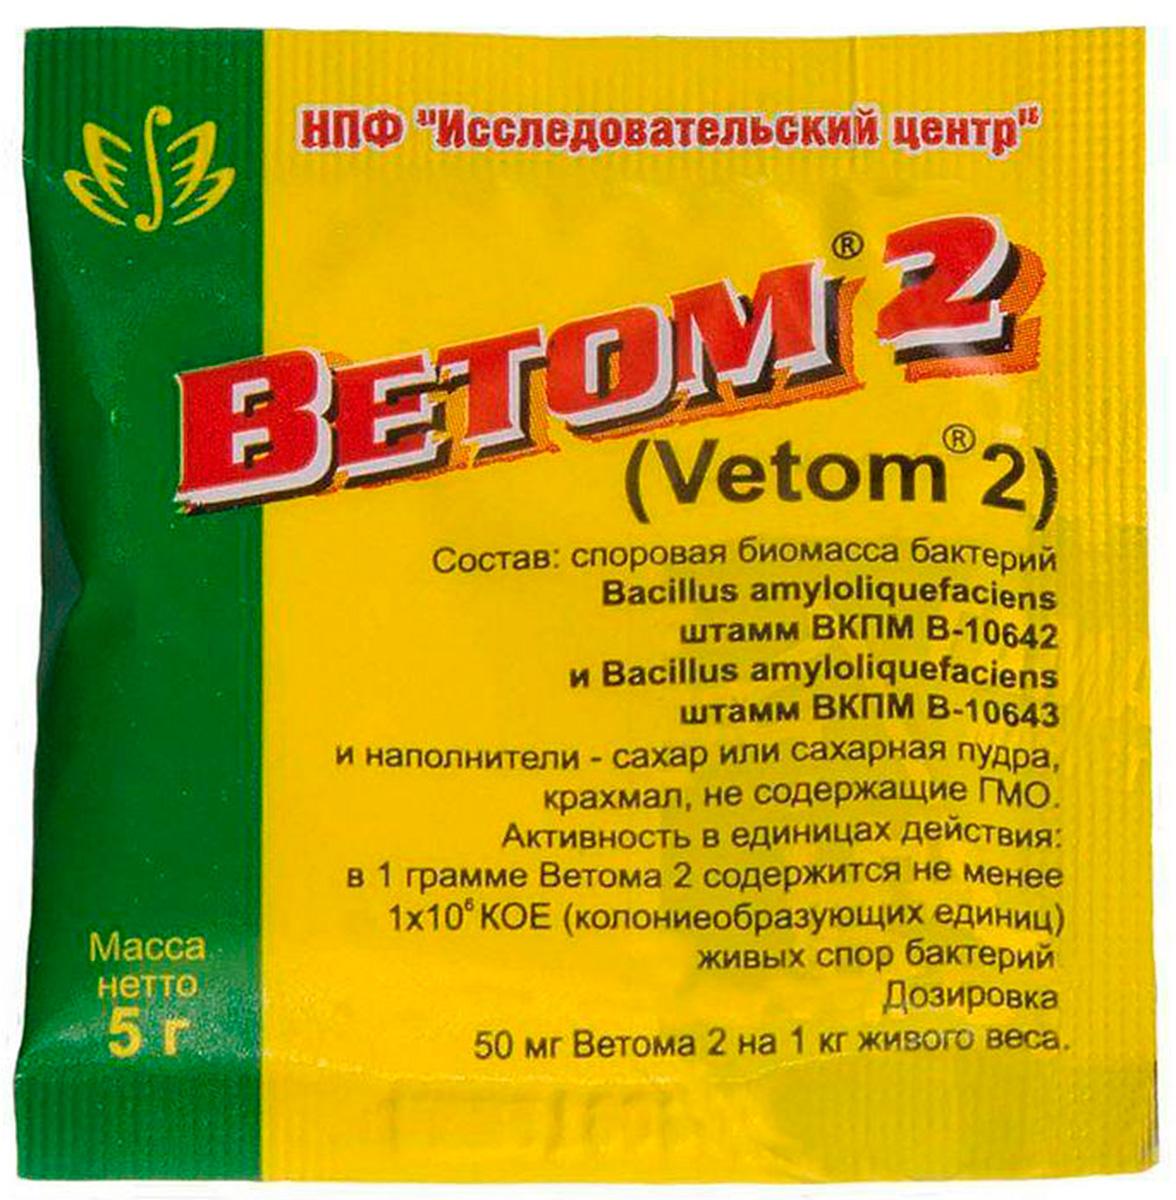 ветом 2 противовирусный препарат для профилактики и лечения желудочно-кишечных заболеваний 5 гр (1 шт)